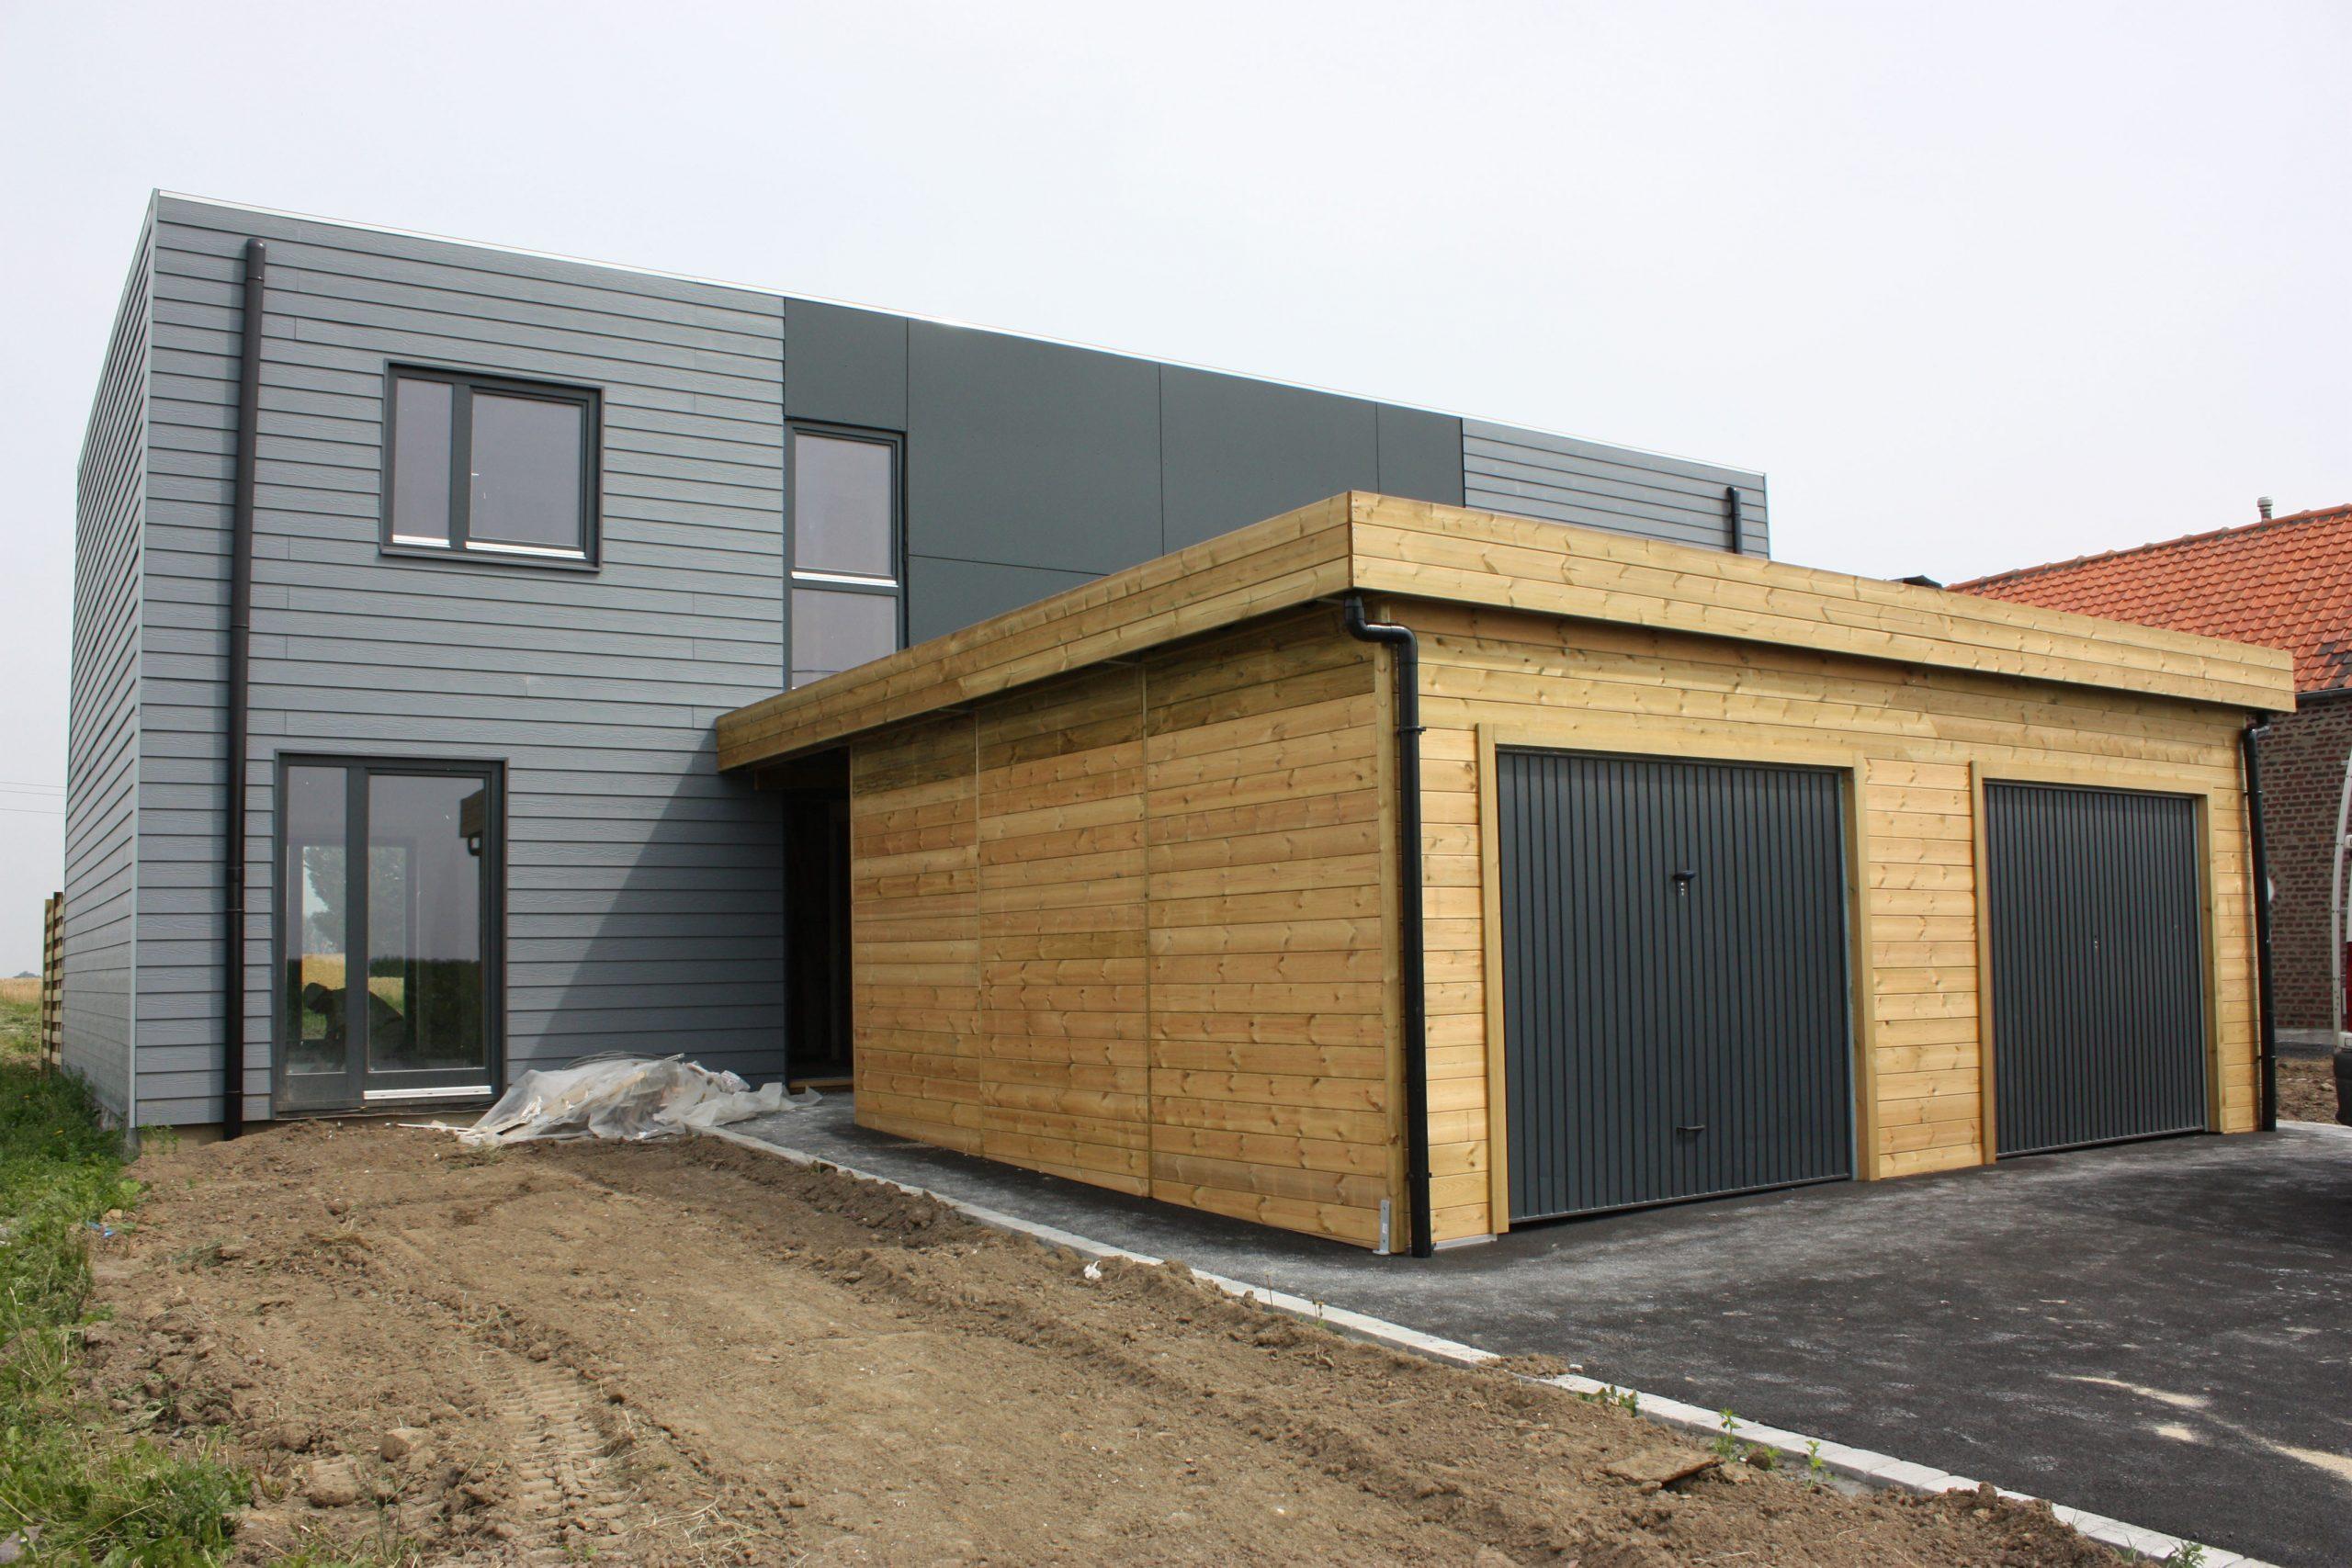 48 Spécial Garage En Kit Bois Pas Cher dedans Maison En Bois En Kit Pas Cher Pologne